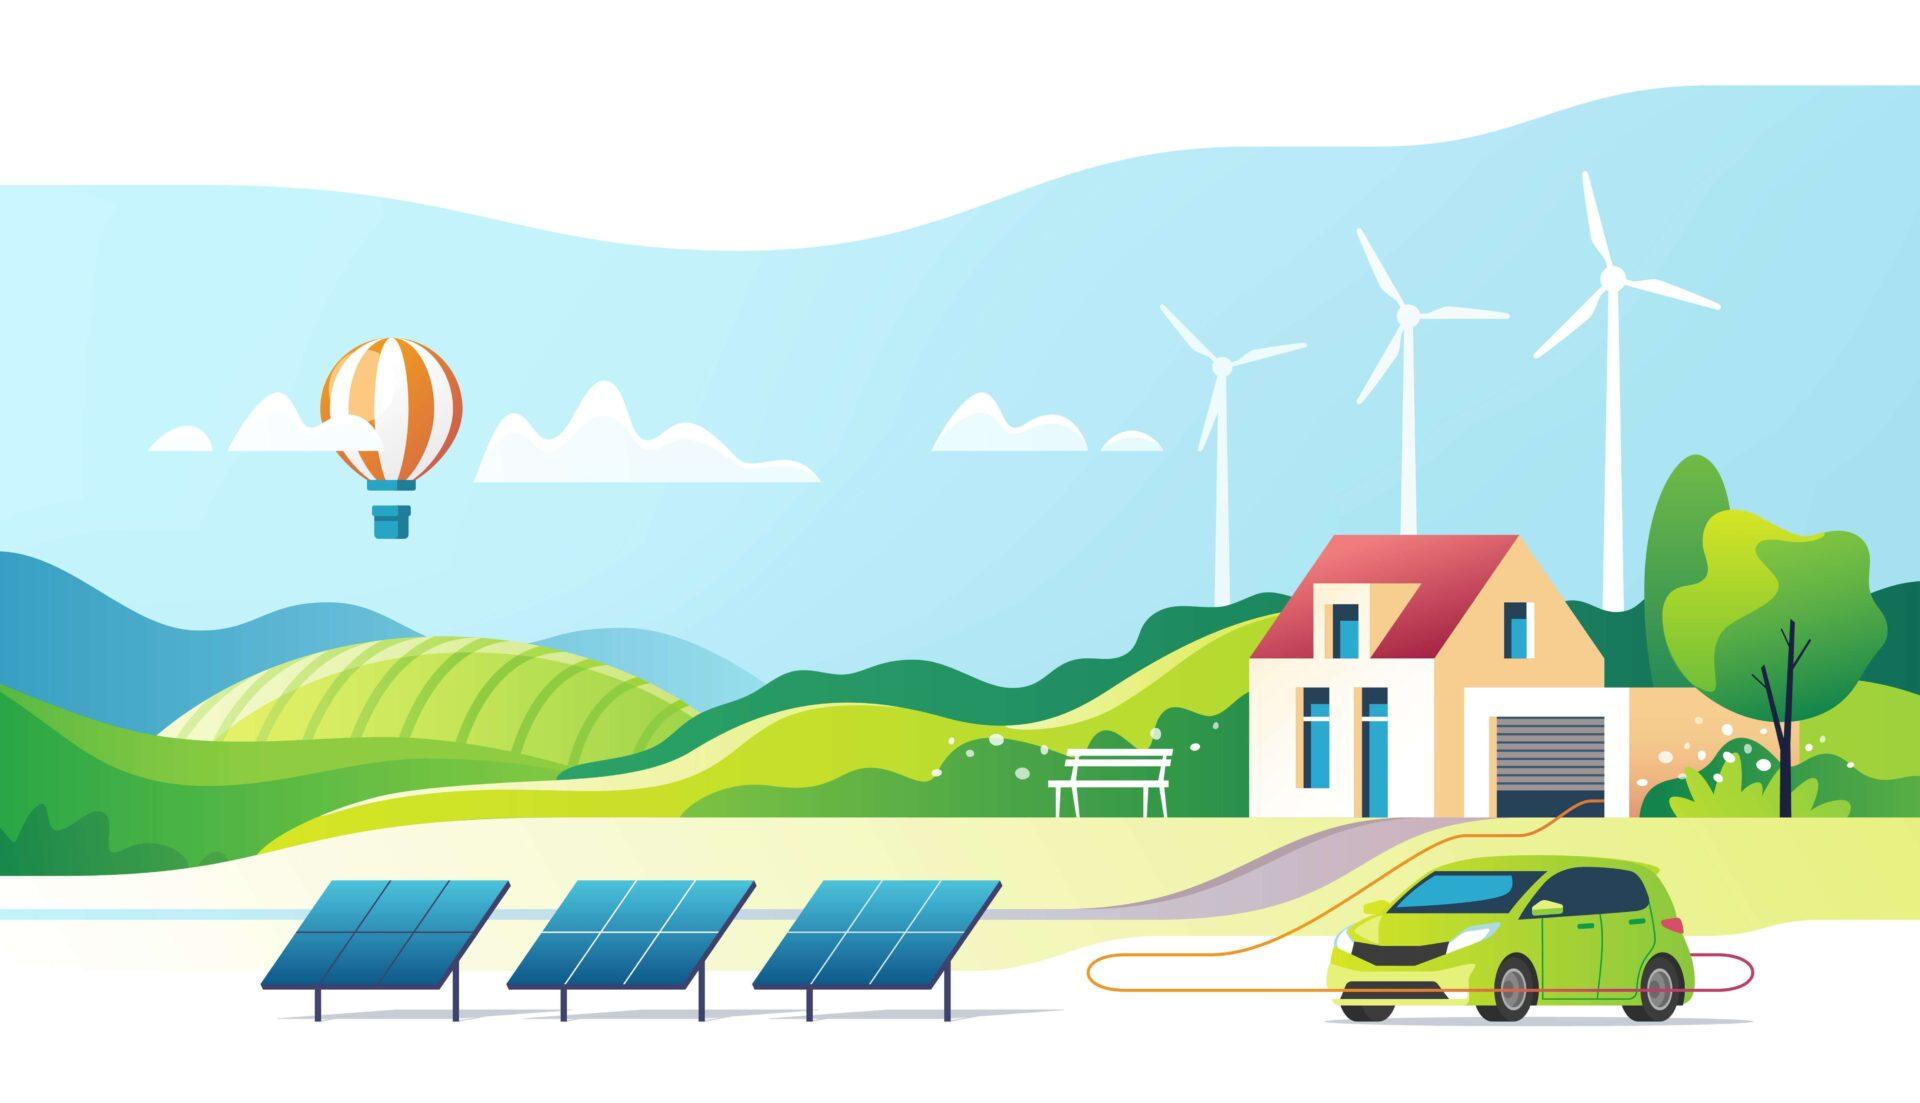 budowa strony internetowej dla firmy zajmującej się montażem paneli słonecznych i fotowoltaiką